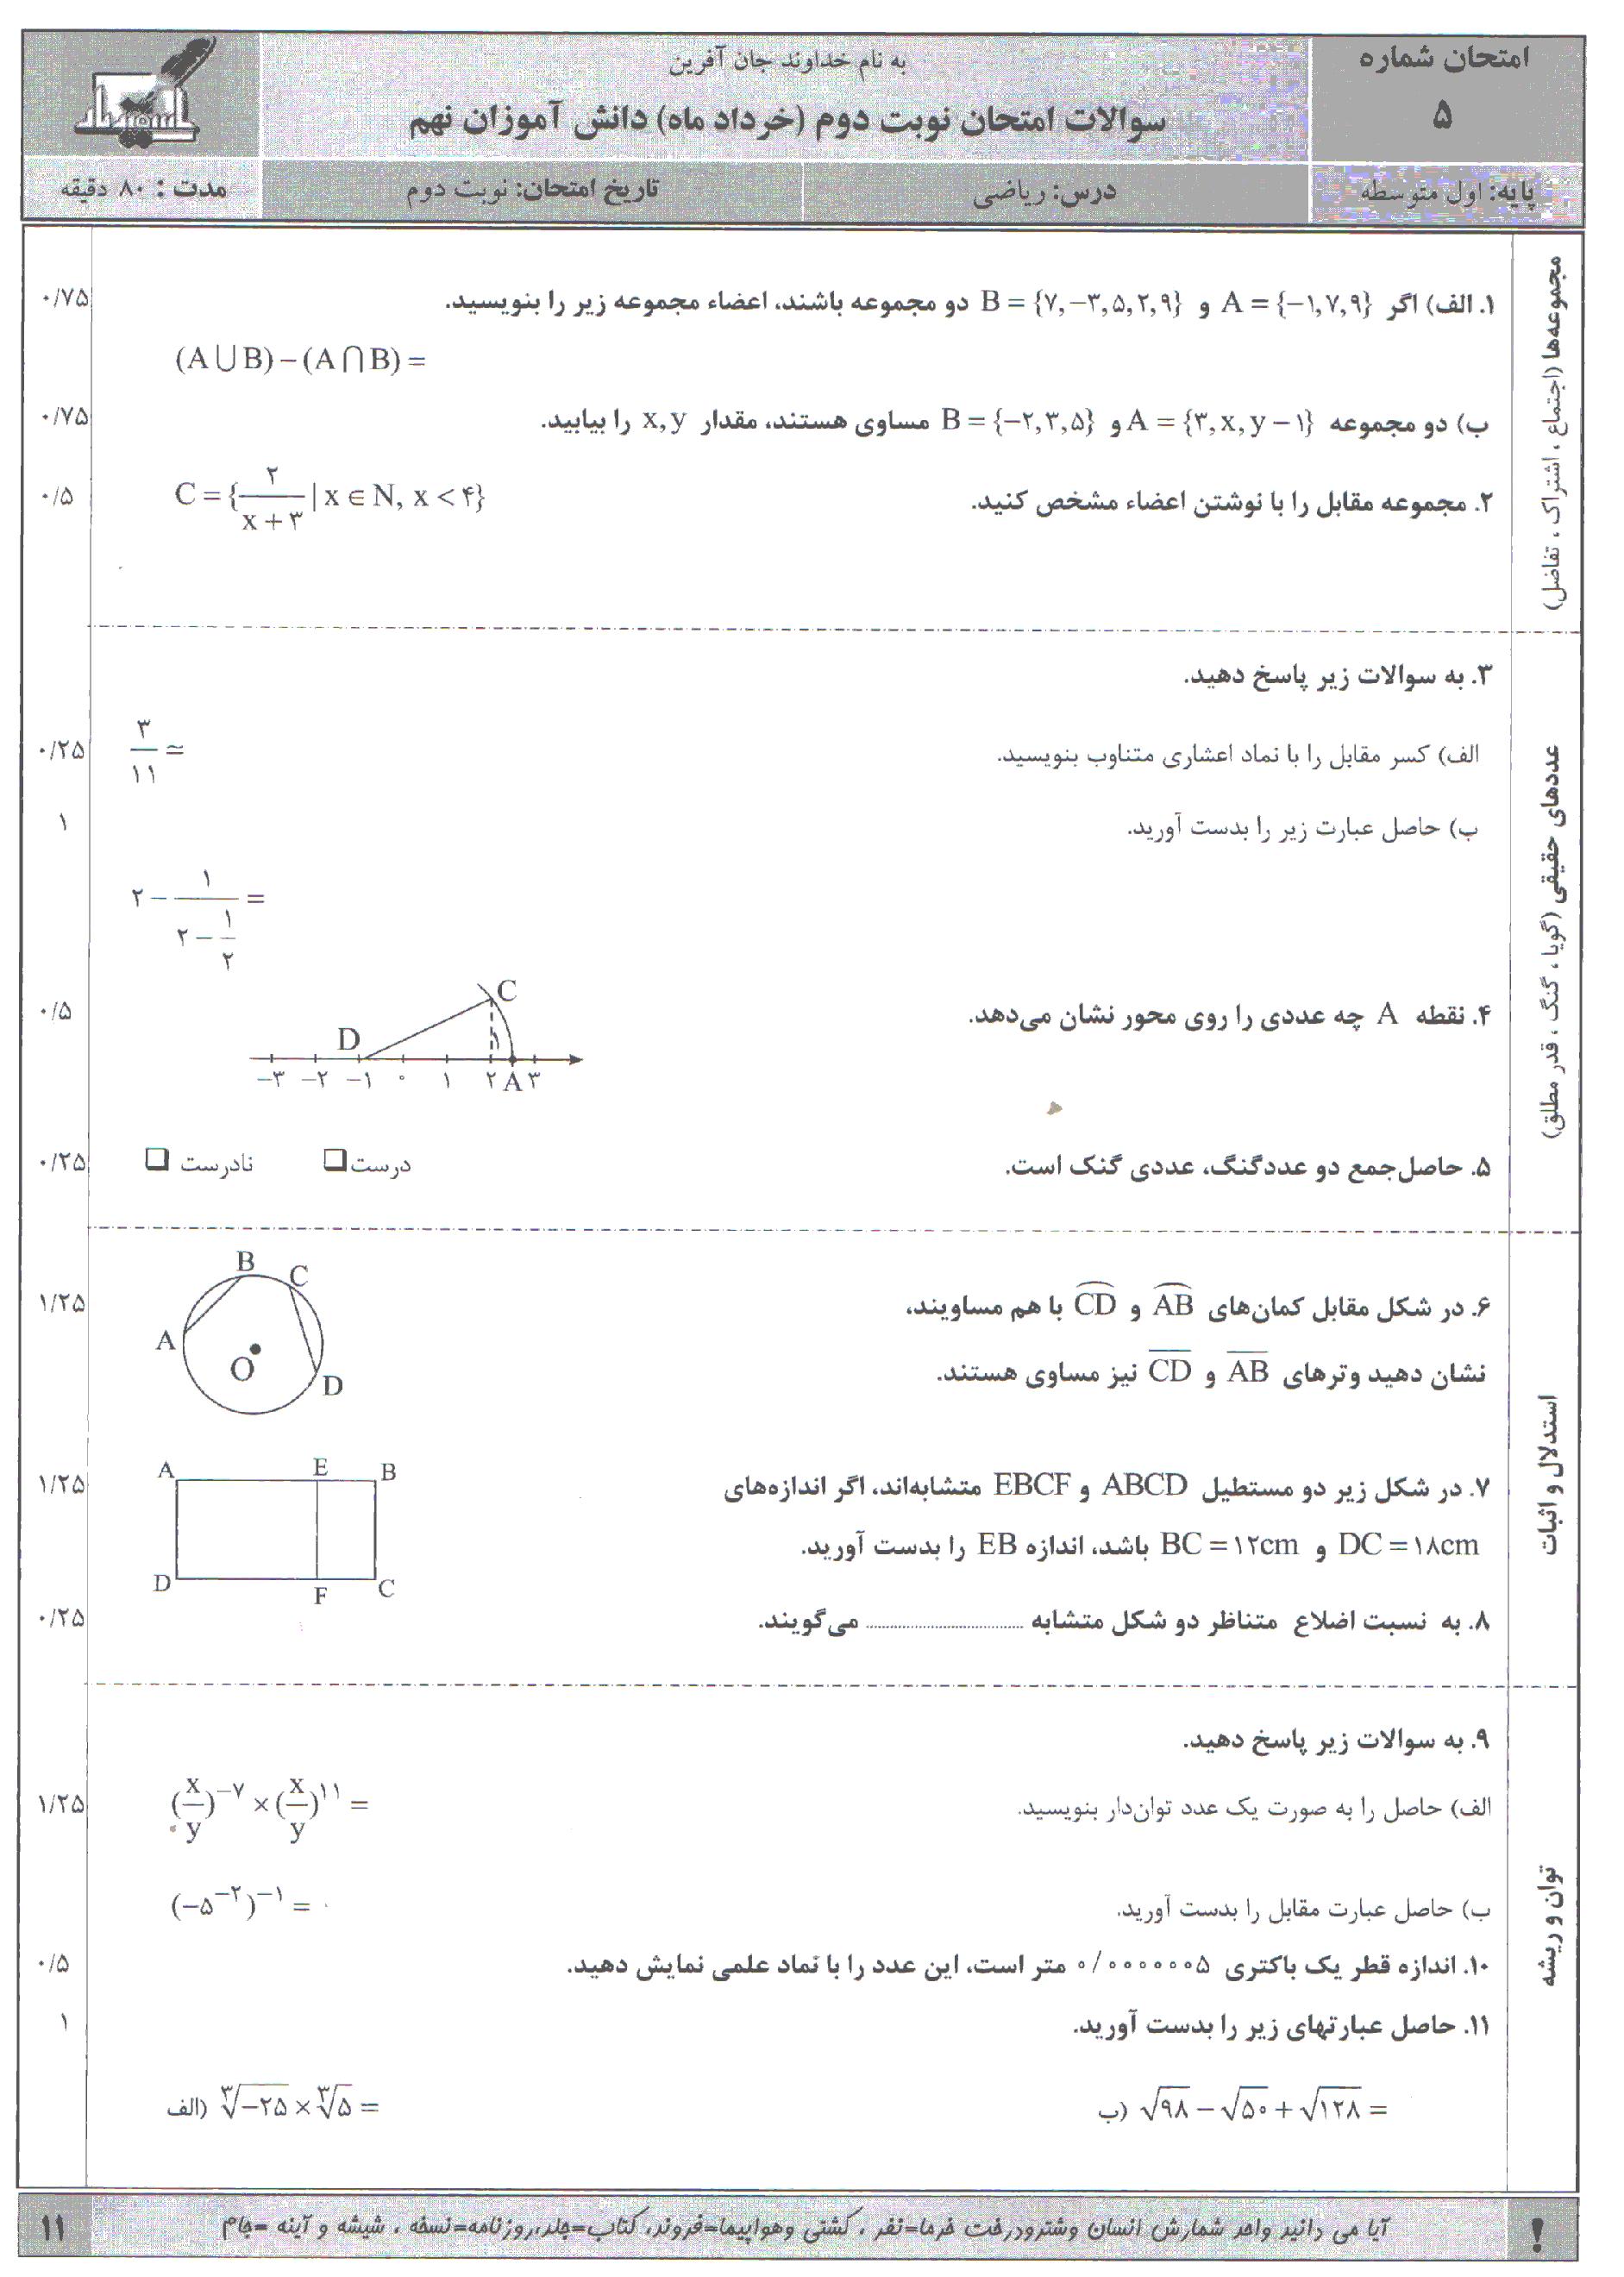 آزمون نوبت دوم ریاضی 9 نهم- شماره 5 اسفندیار+پاسخنامه | خرداد ماه